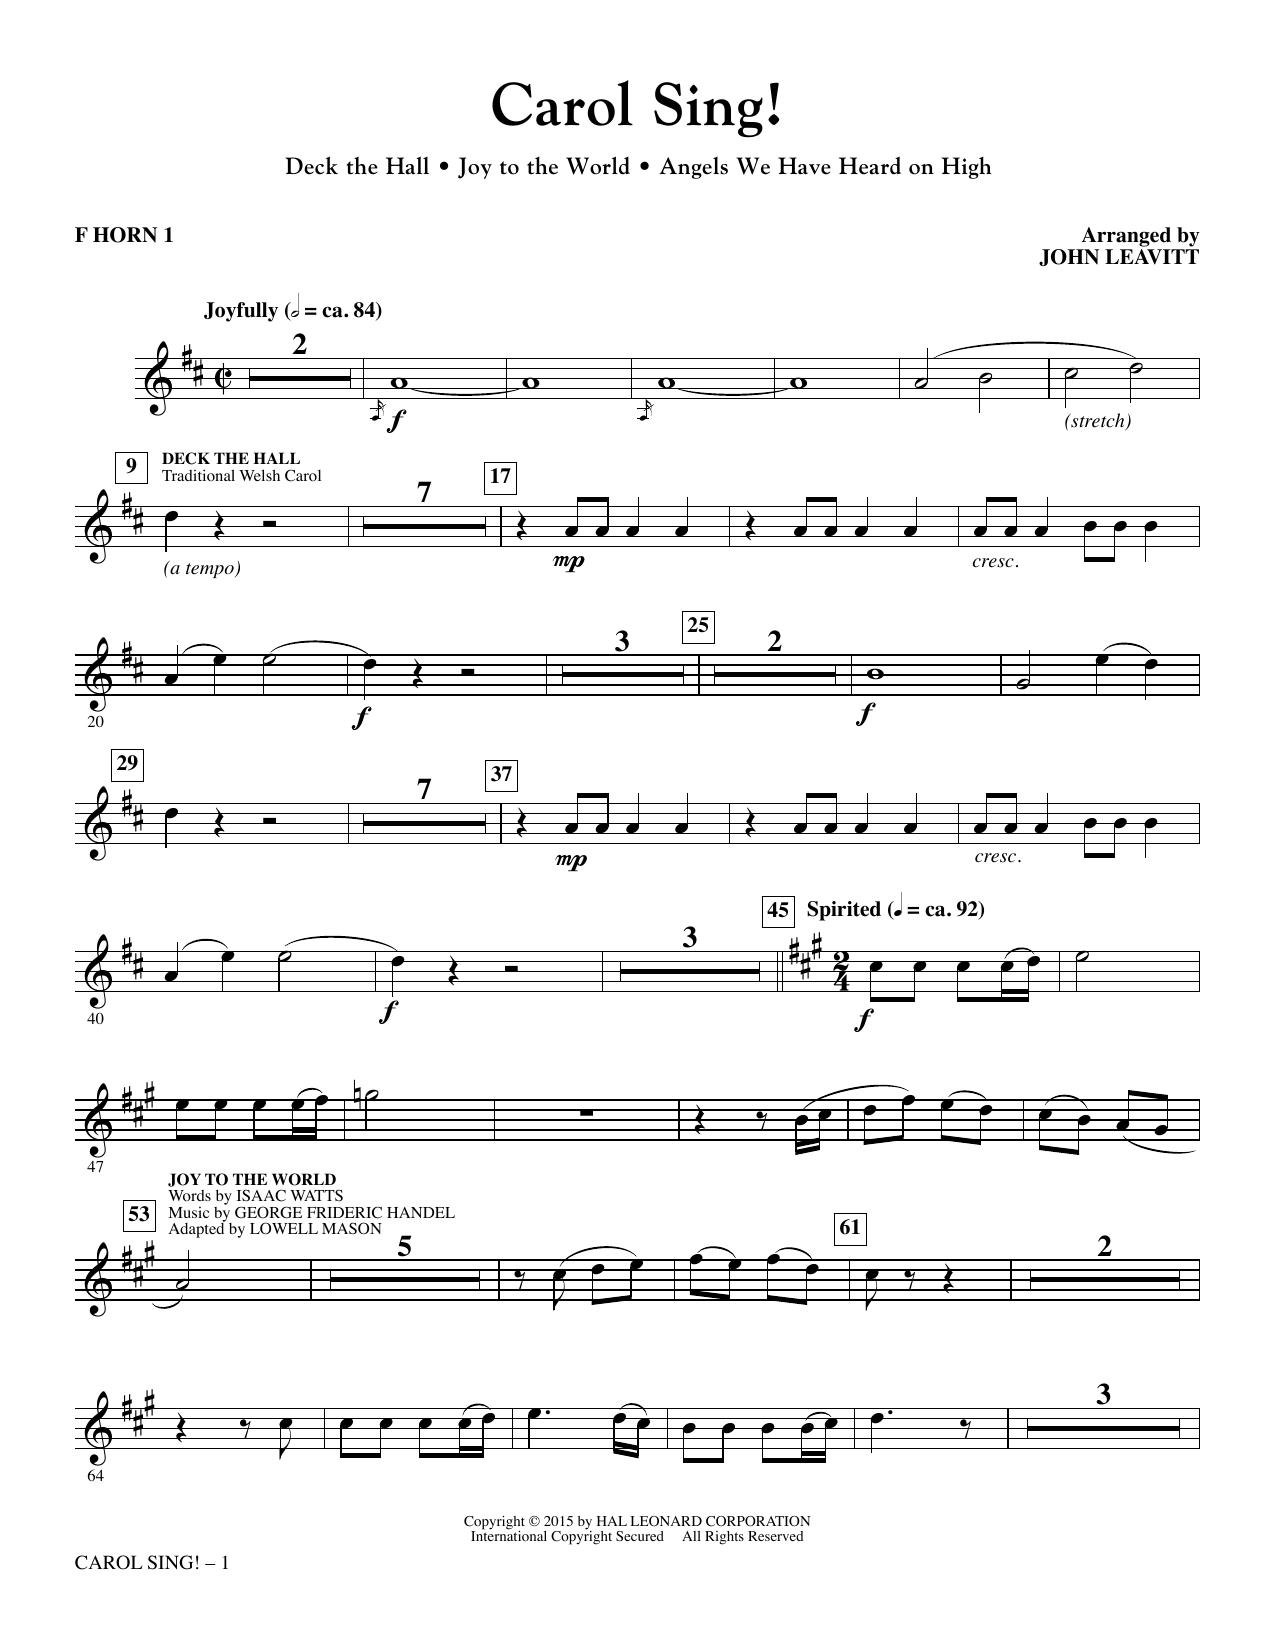 Carol Sing! - F Horn 1 sheet music